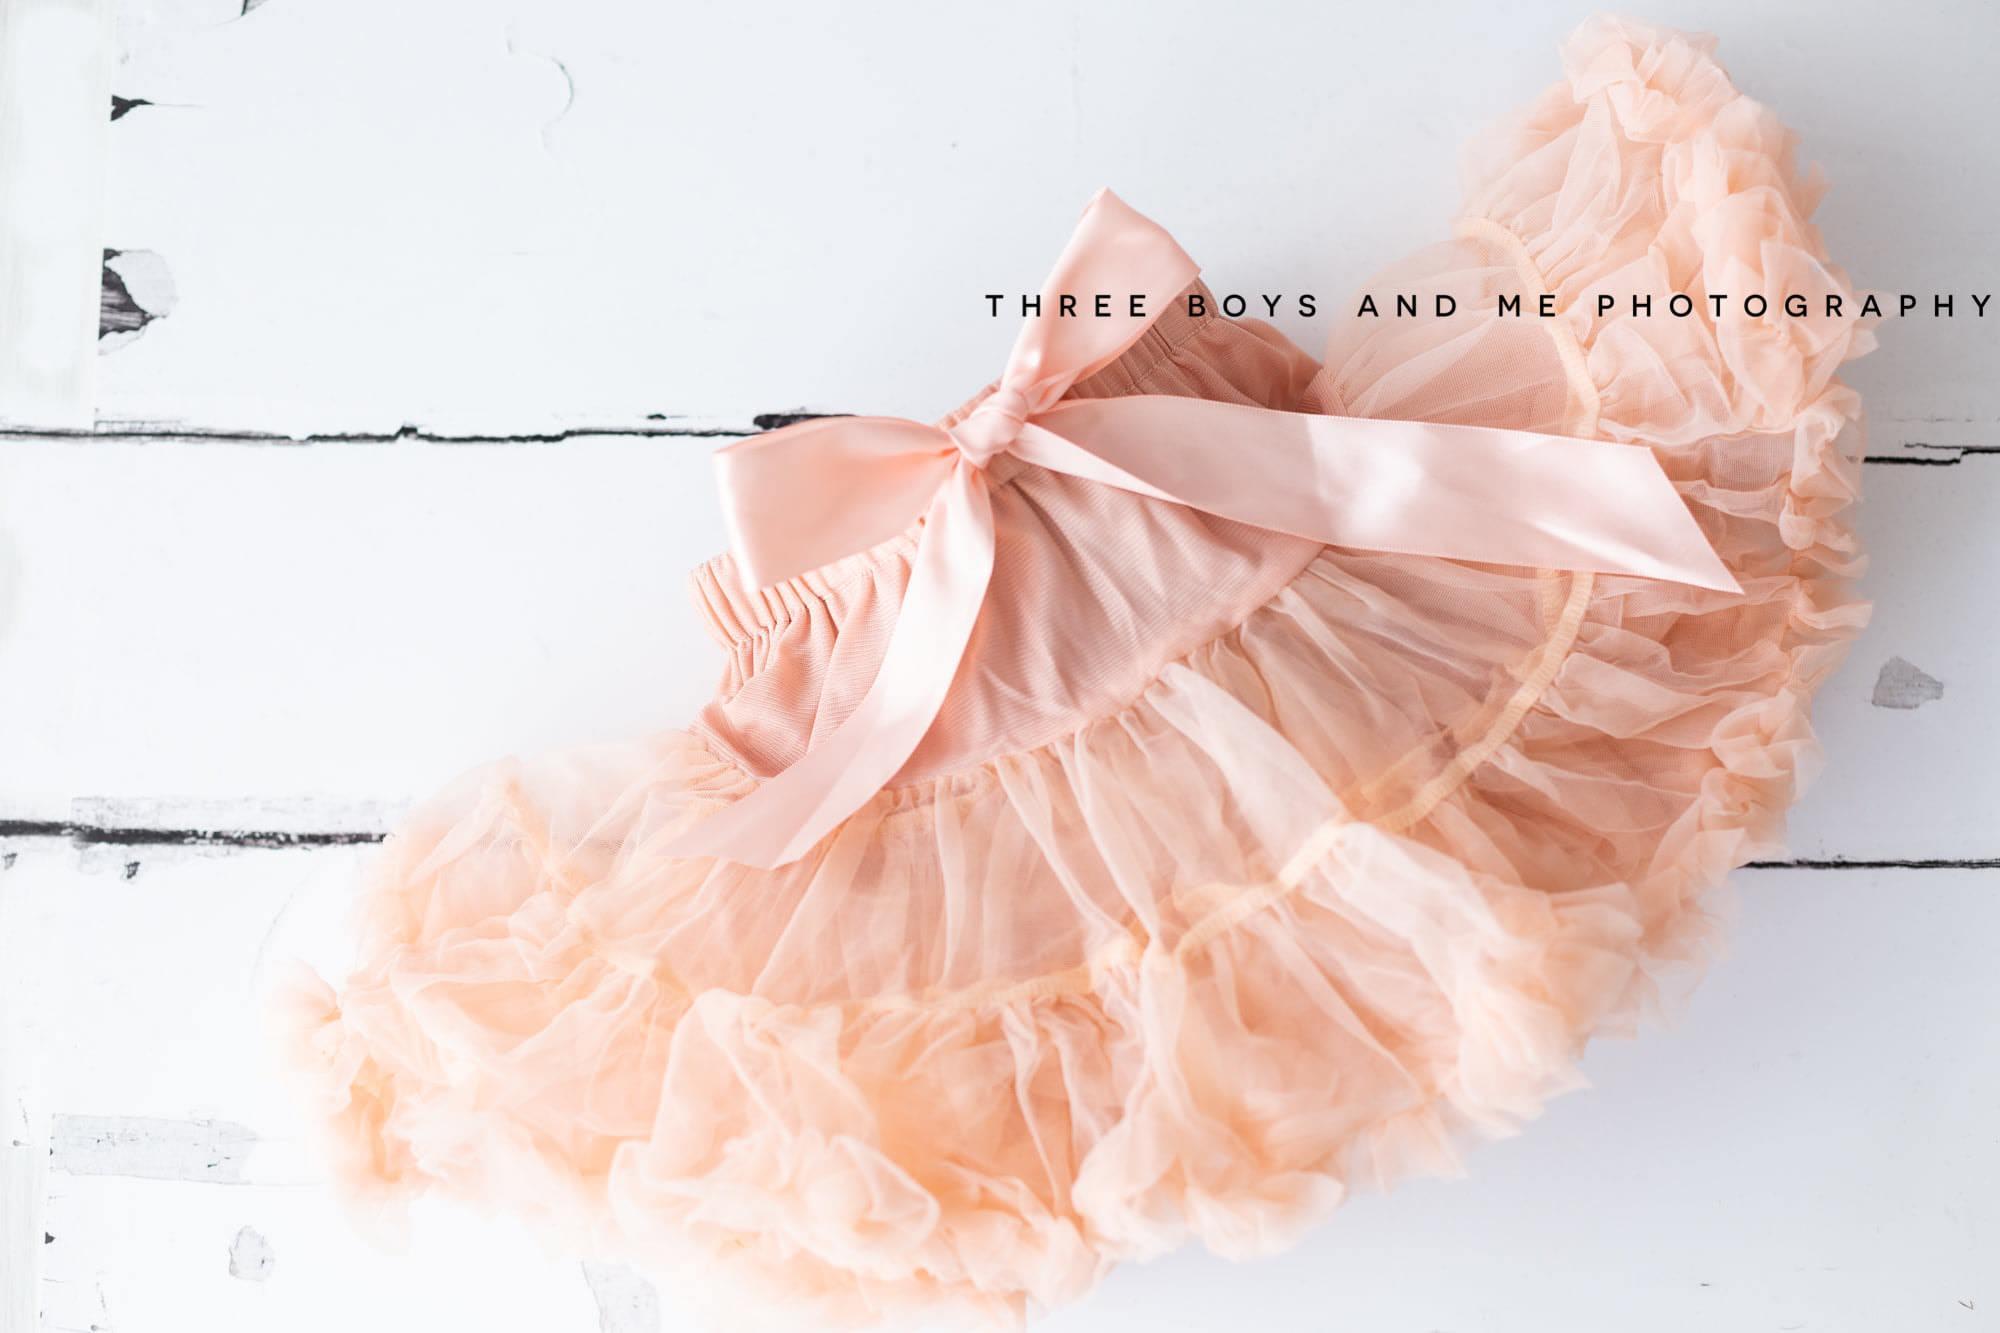 dusty pink tutu available at Bexley cake smash photoshoot